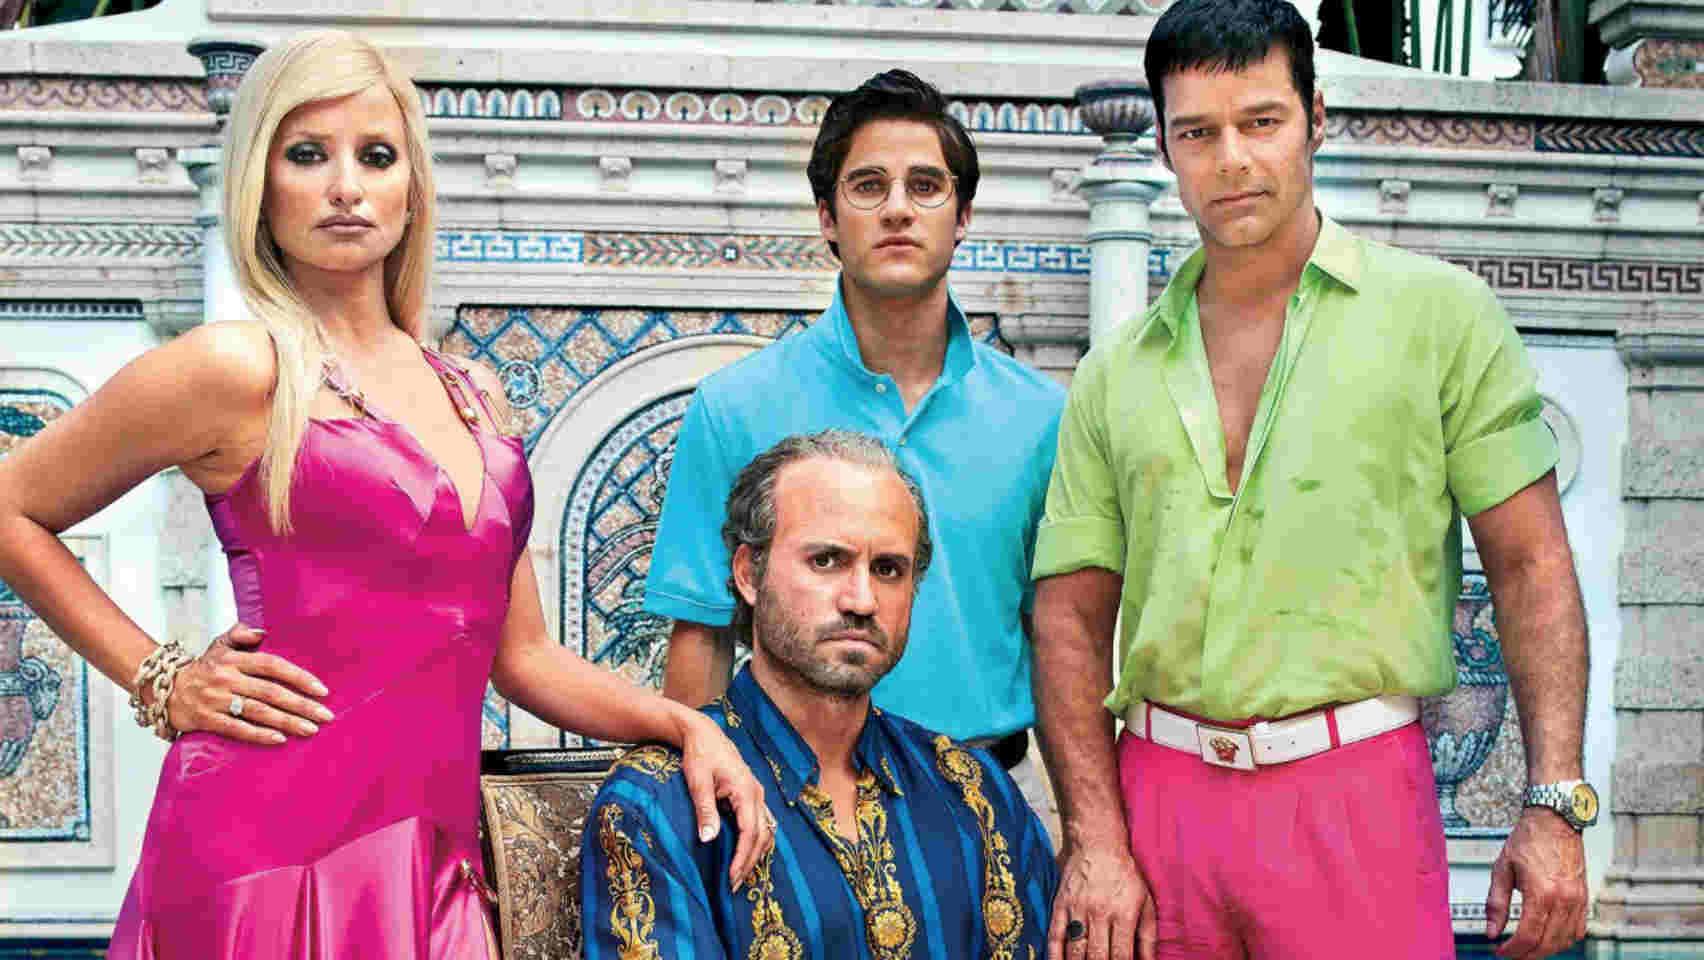 e54a077f7 Versace: 2ª temporada de American Crime Story é um estudo do caráter humano  | Francamente, querida